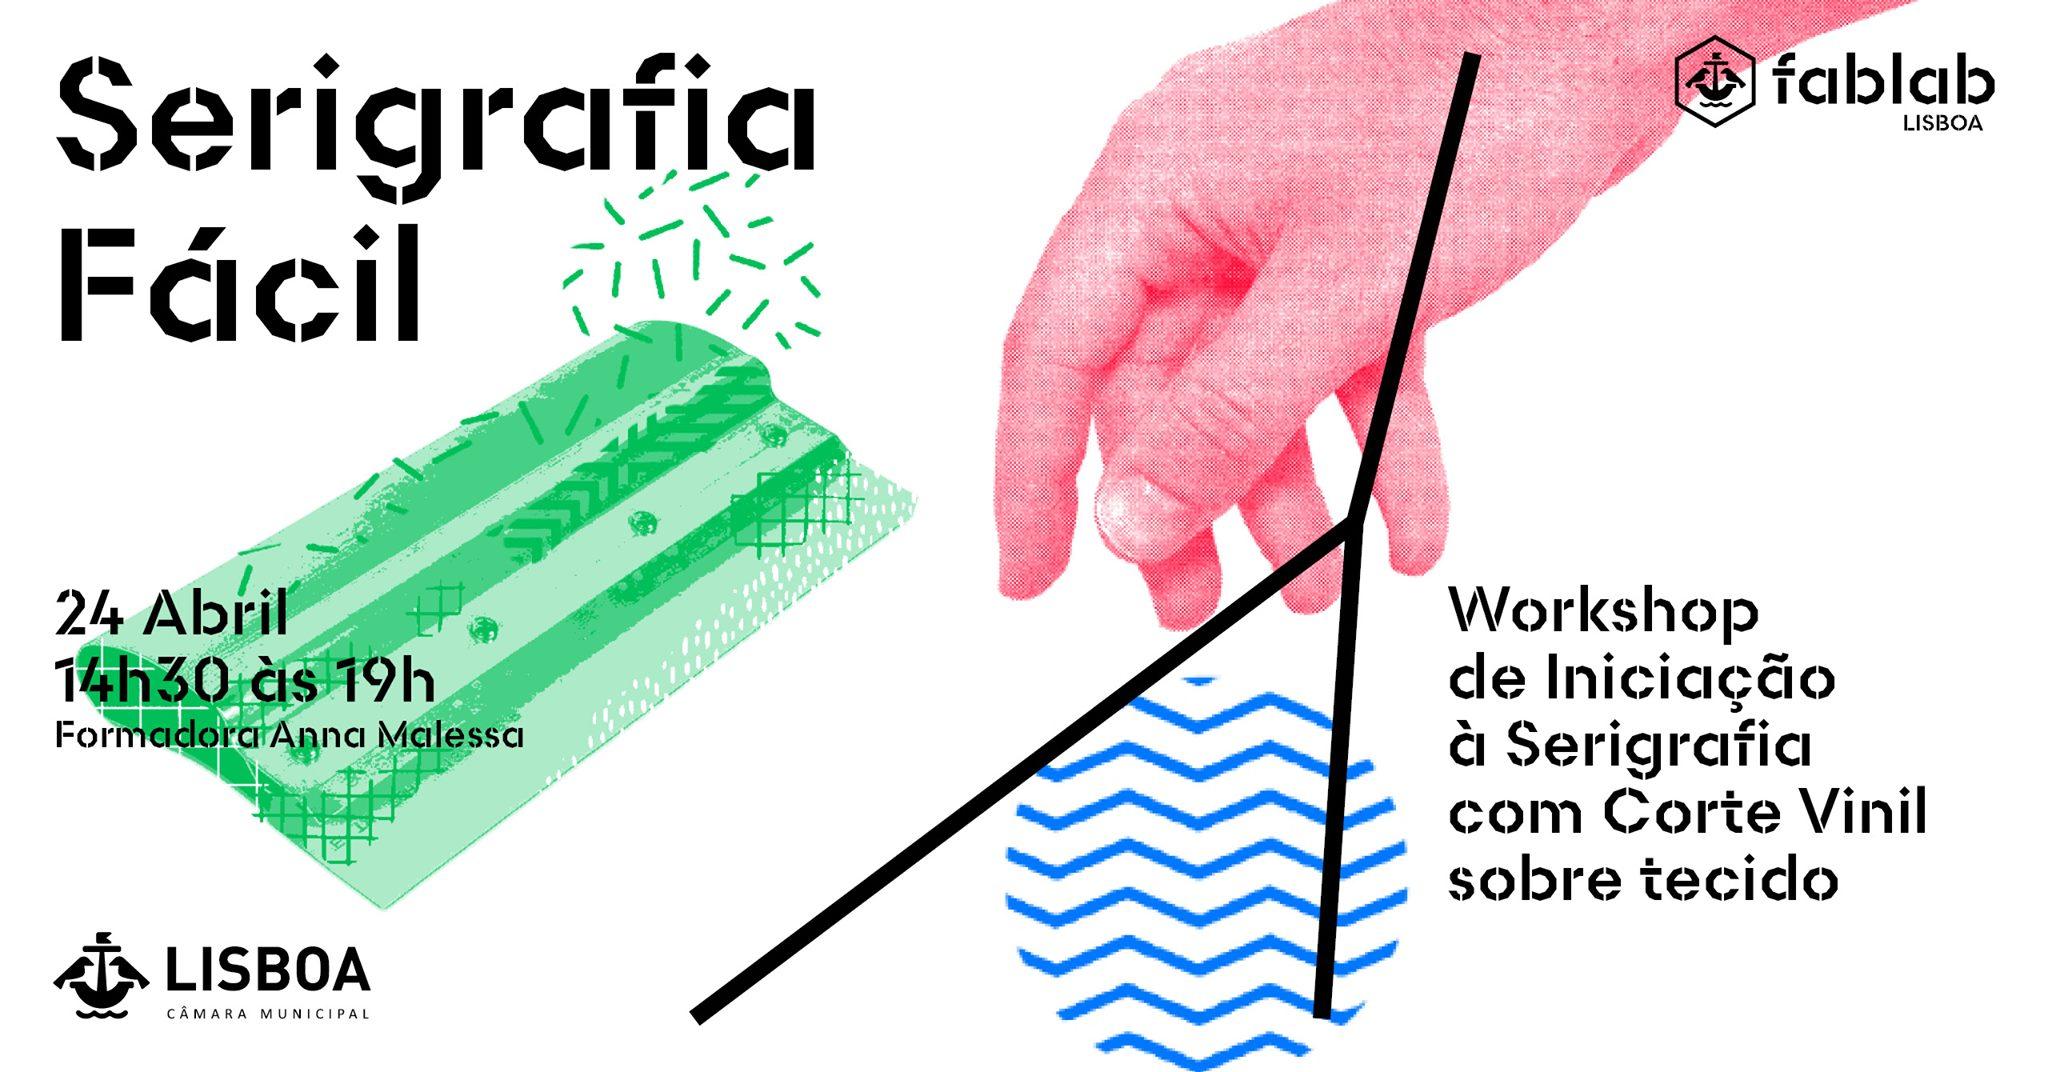 Serigrafia Fácil, com apoio da cortadora de vinil